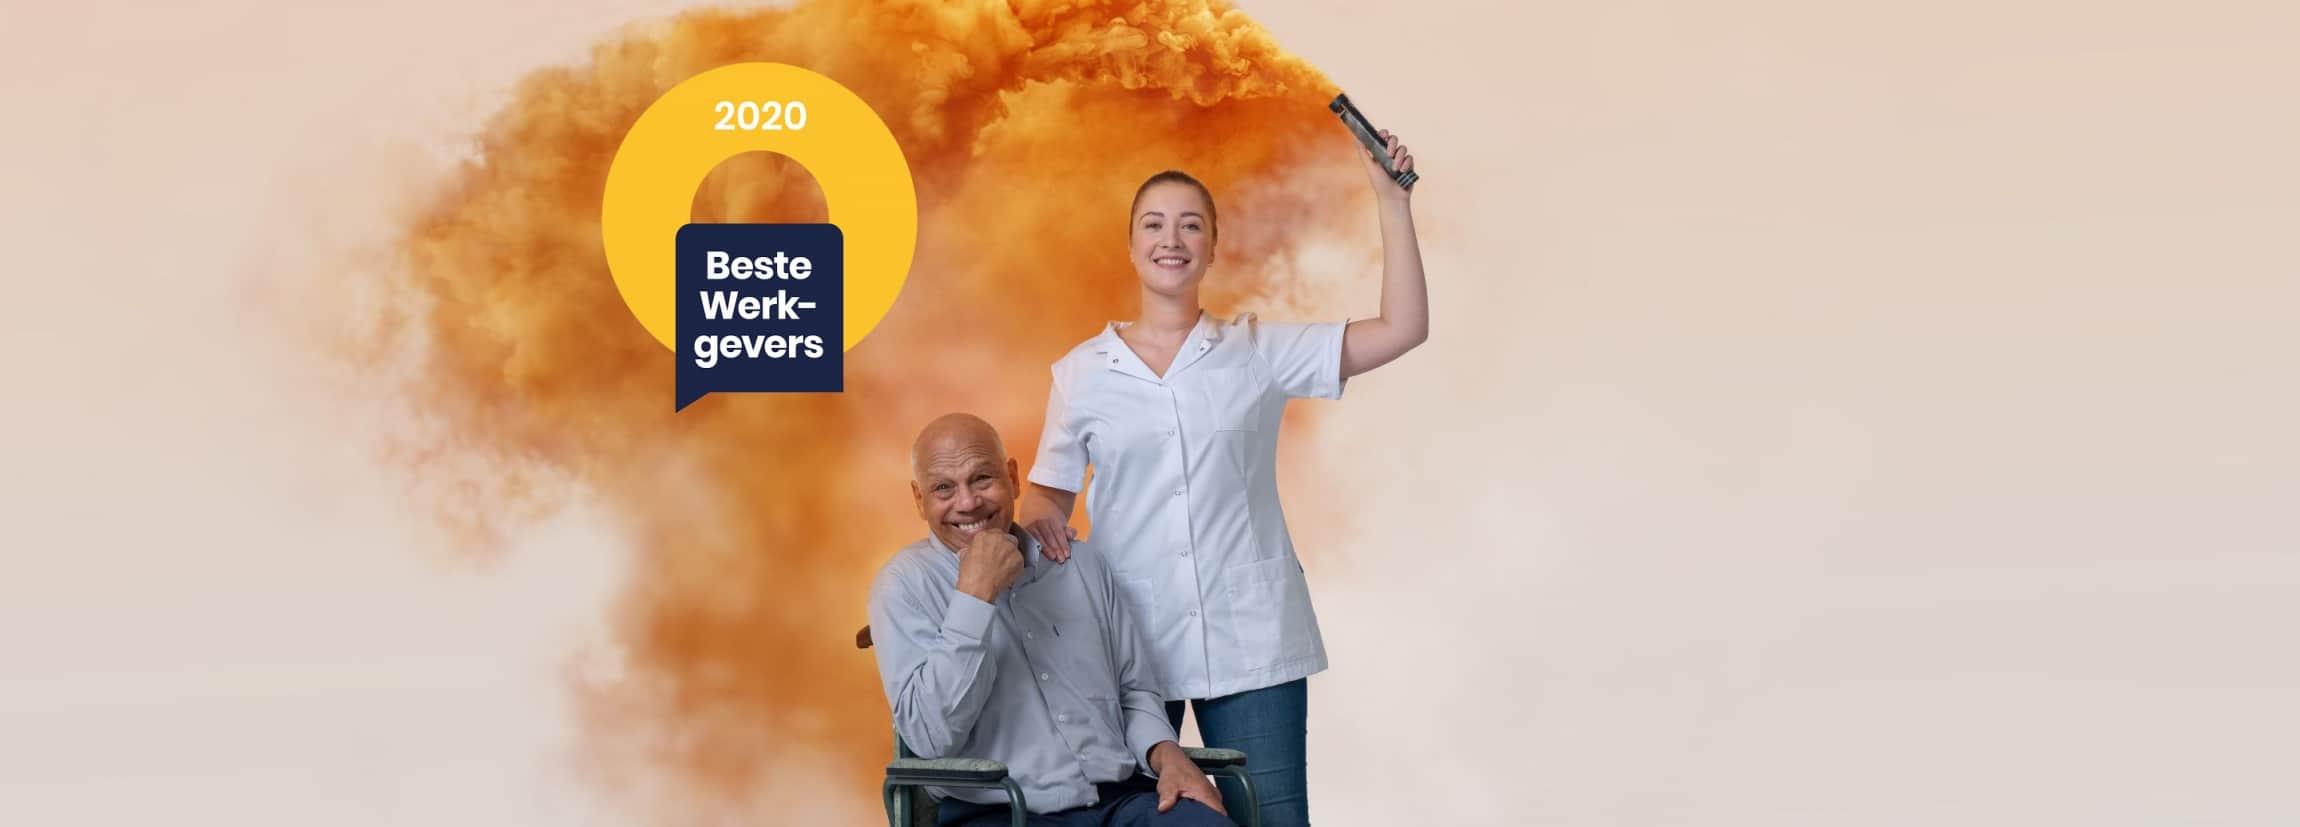 Afbeelding van Amstelring ontvangt keurmerk 'Beste Werkgevers'